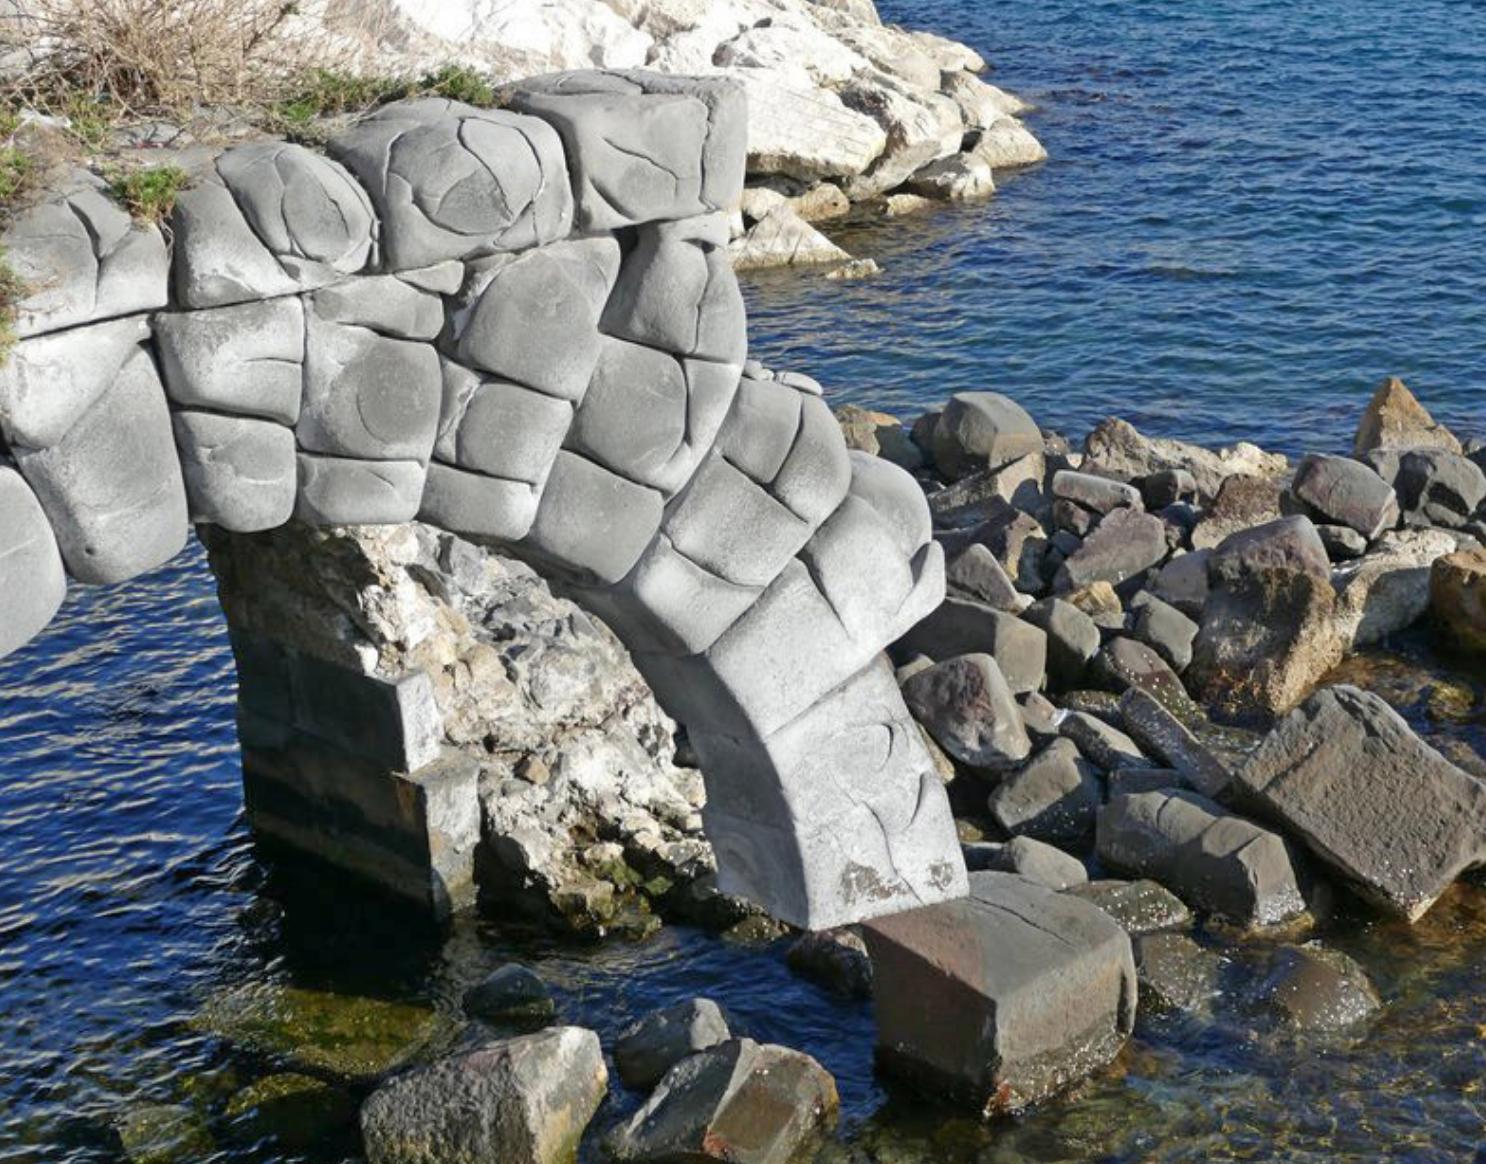 Risultati immagini per L'antico arco di basalto, situato sul lungomare di Via Partenope